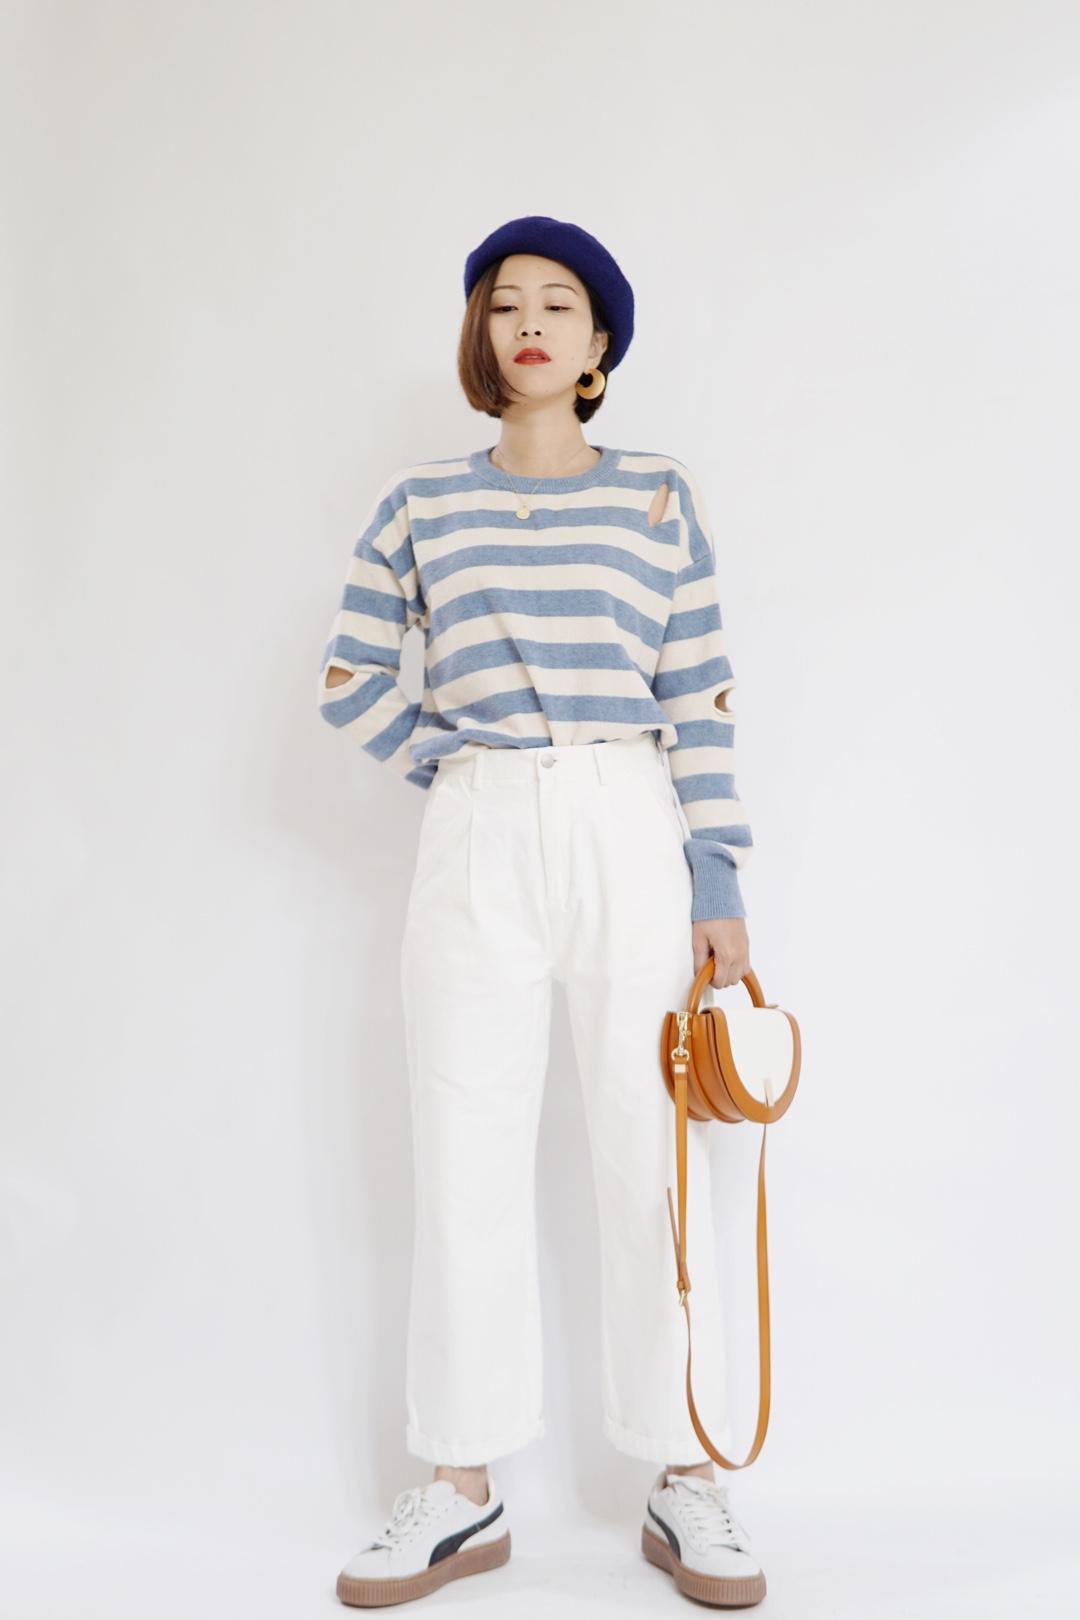 #春日少女穿搭示范# 蓝白的这身,就像睛朗的天空一样美,像是要奔跑的少女。有时候撞点色非常棒!这就搭配了白棕色手提包,颜色相融合又相碰撞。